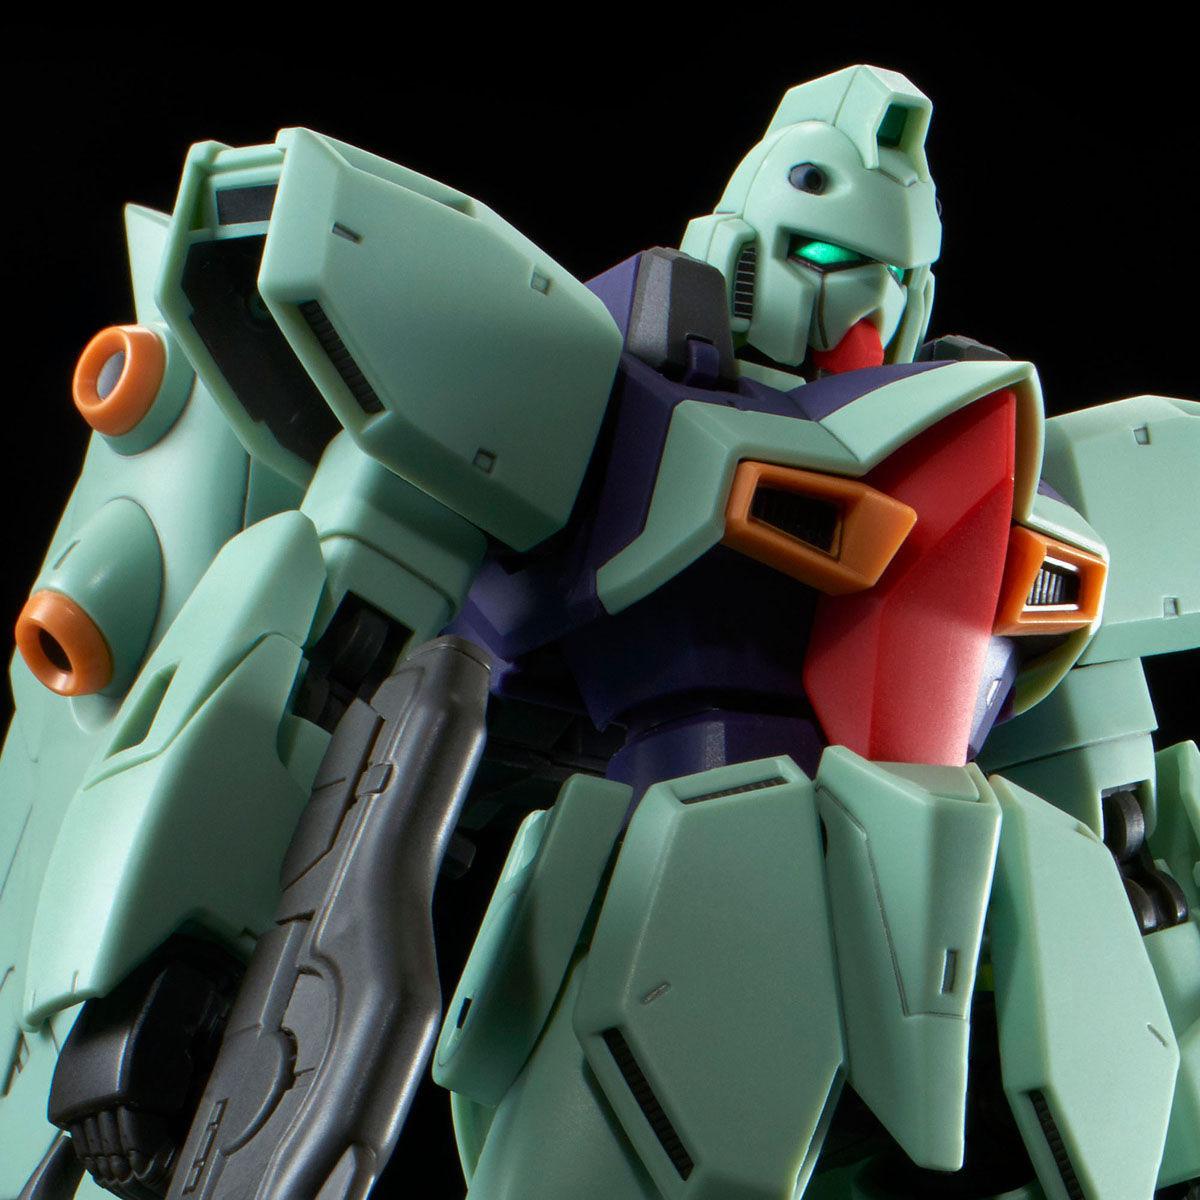 RE/100 1/100『ガンブラスター』Vガンダム プラモデル-001